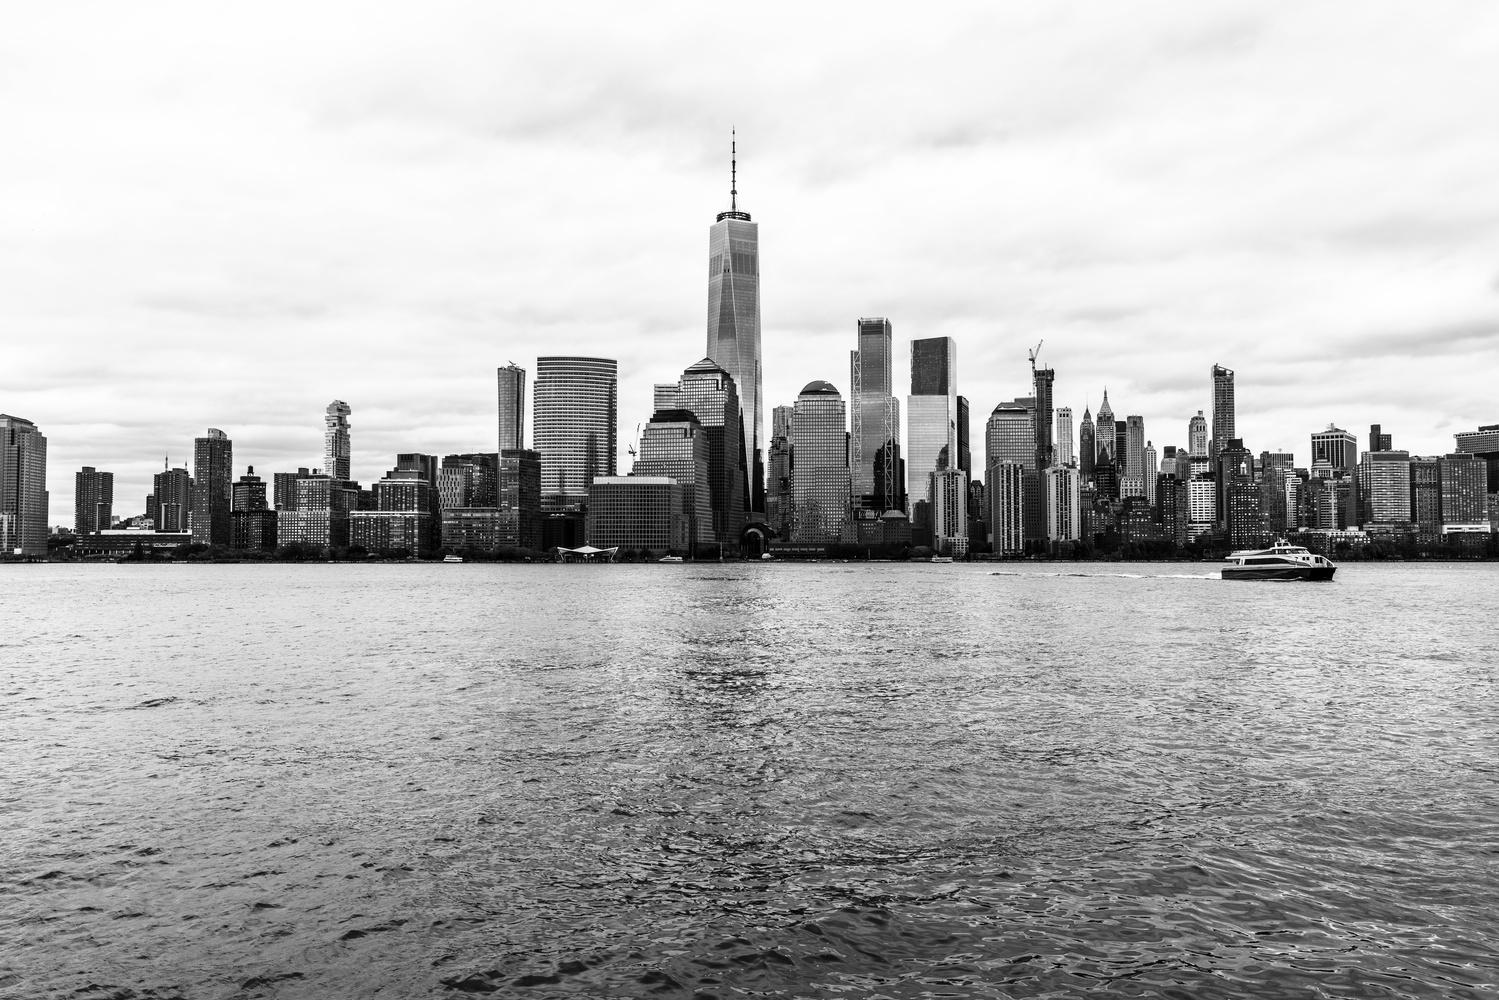 Lower Manhattan Skyline by Teri Dashfield